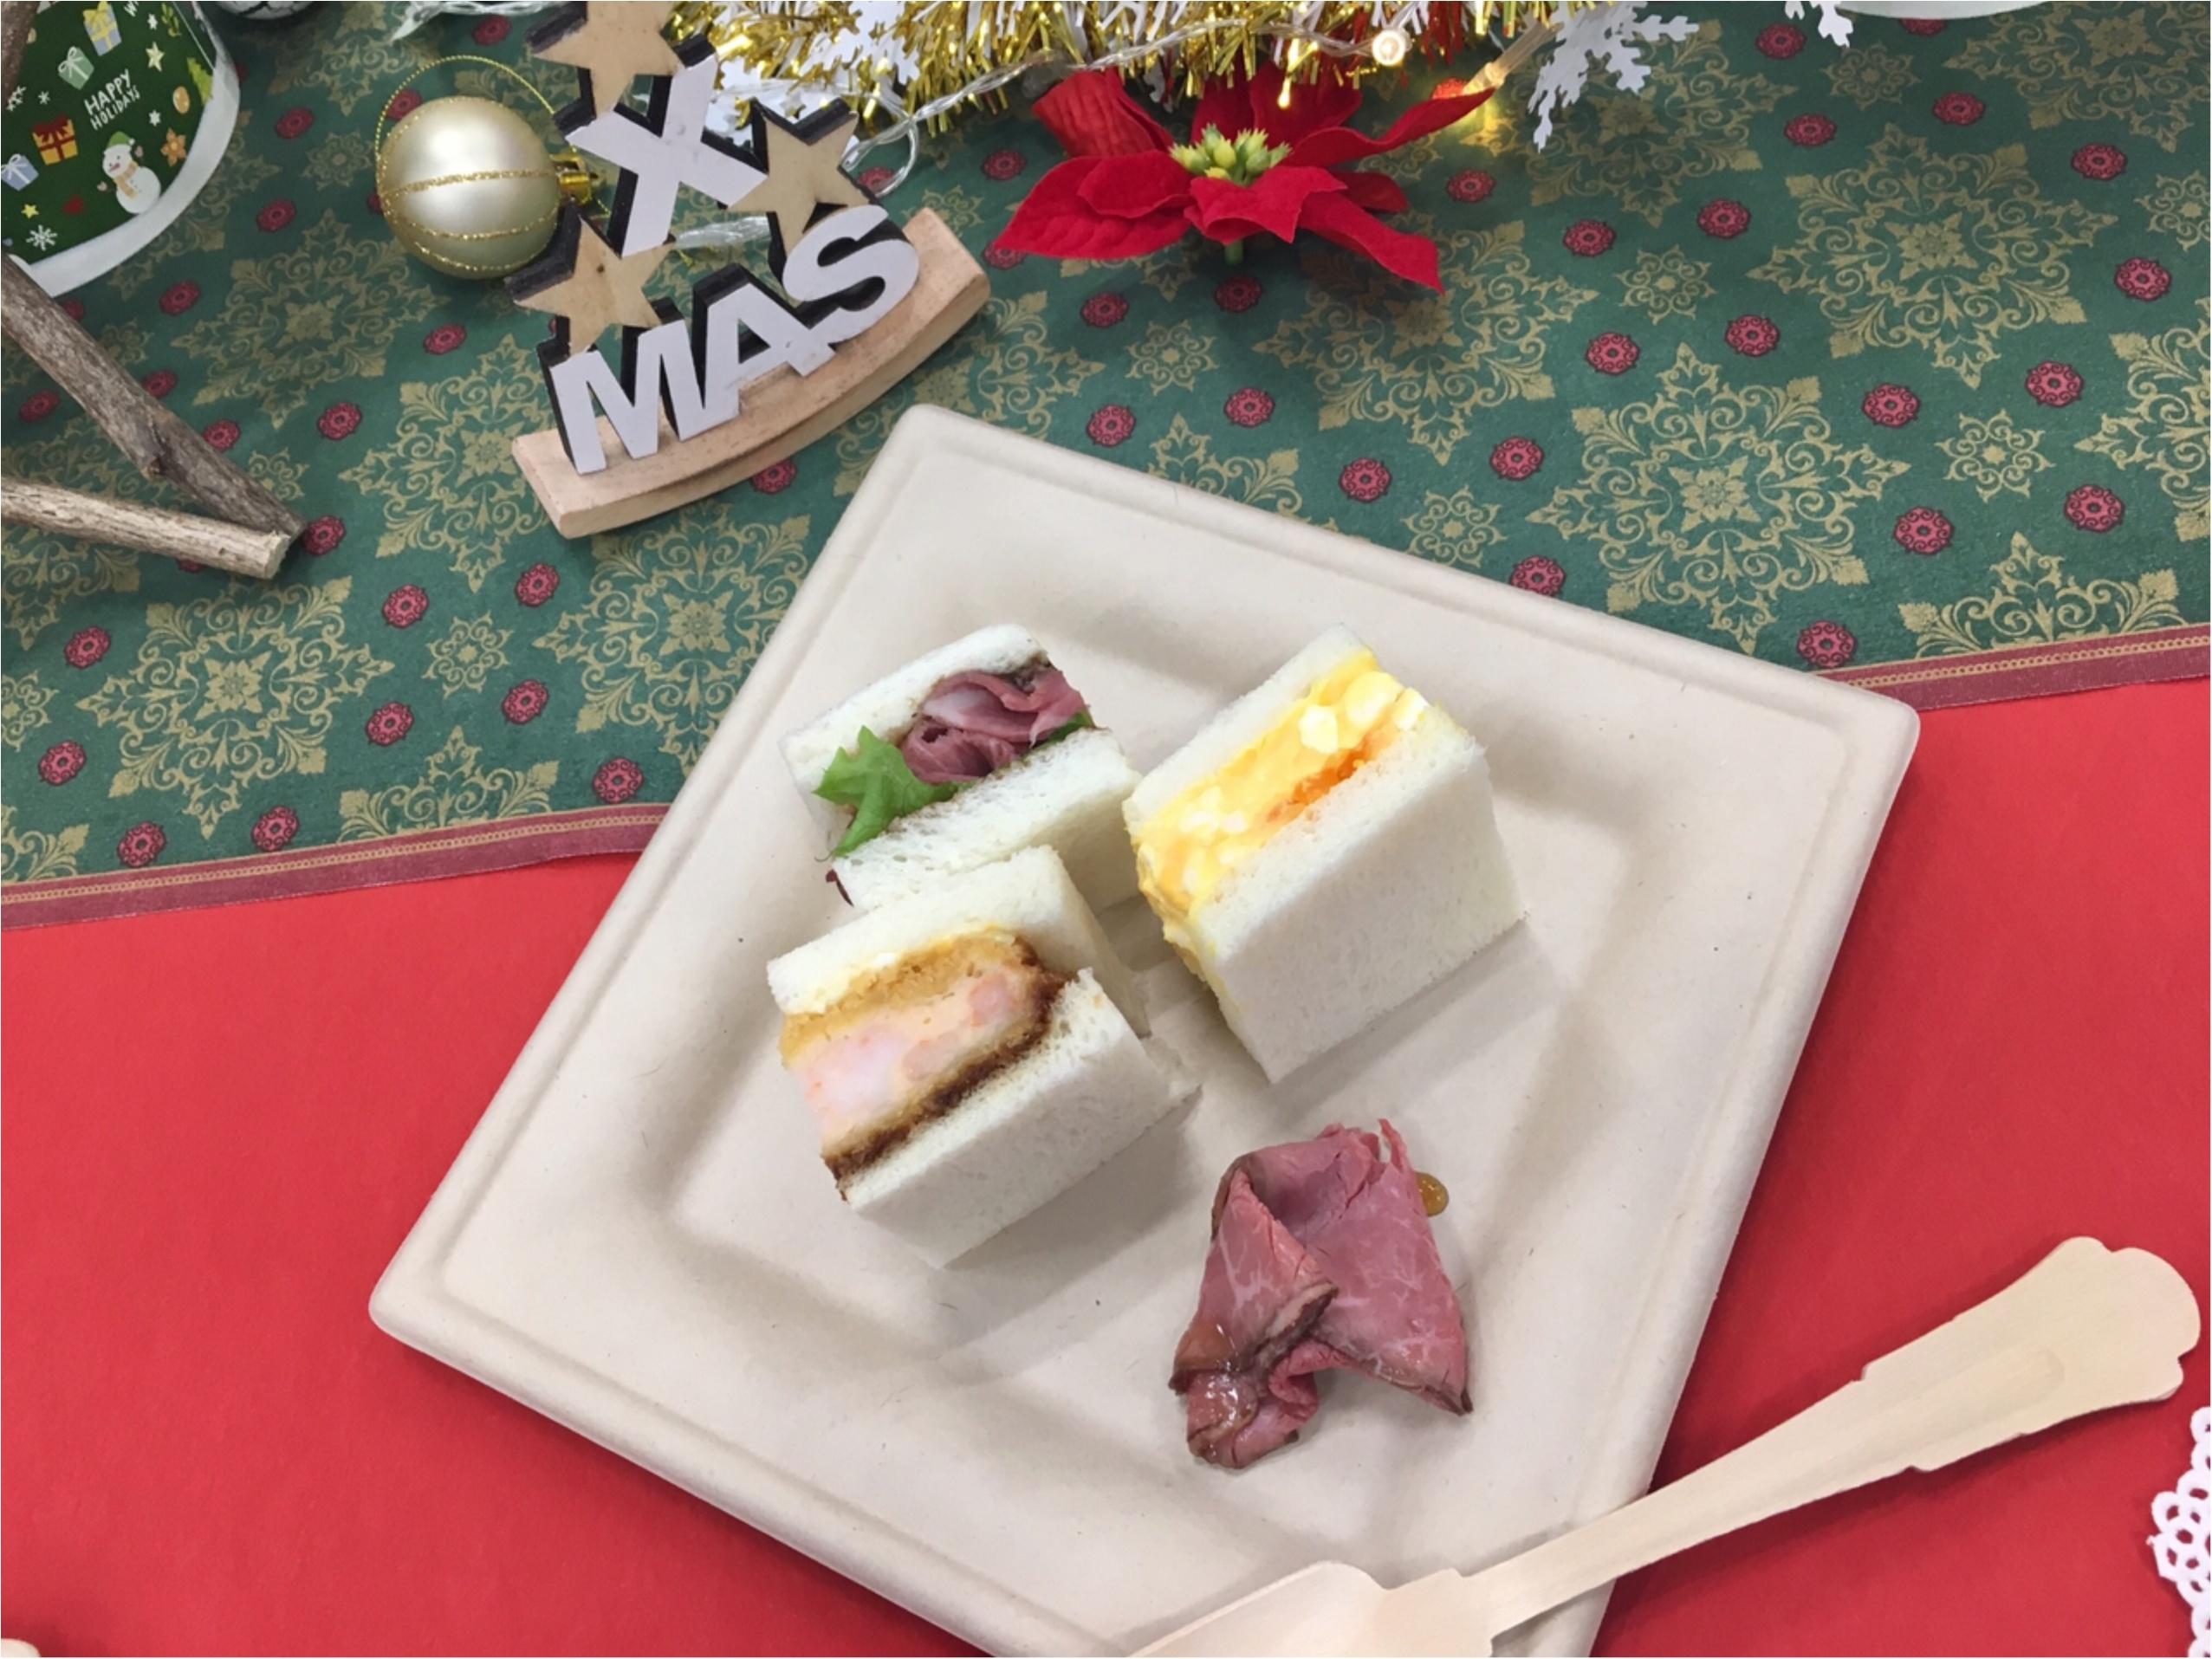 【セブンイレブン】いよいよクリスマス!ケーキどうする?試食会レポート_12